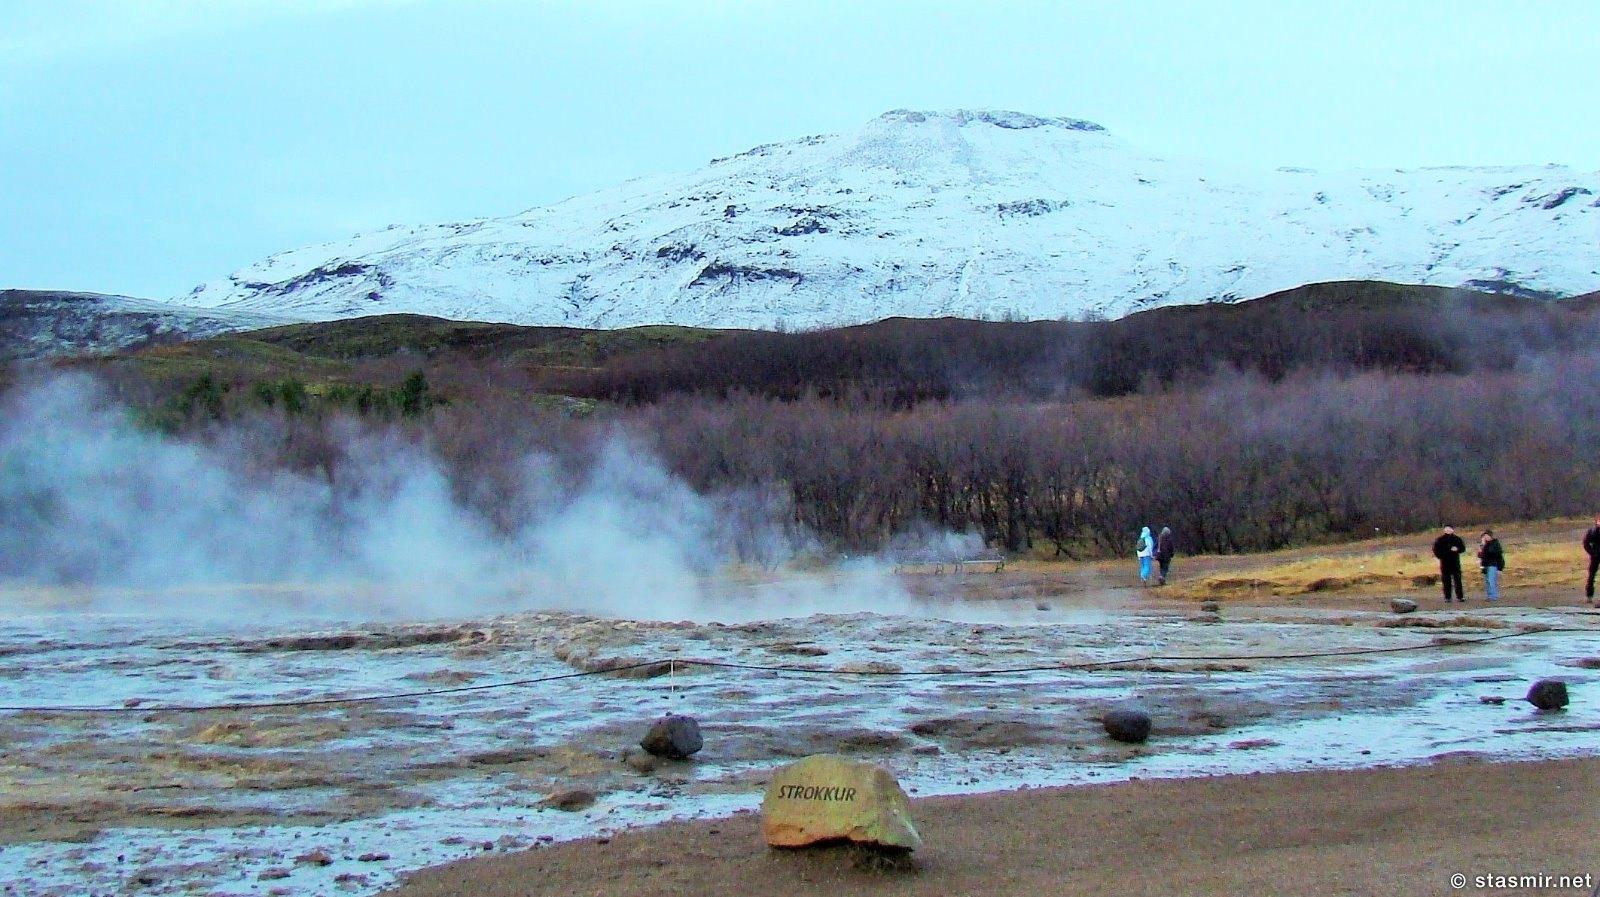 действующий гейзер Строккюр на маршруте Золотое кольцо Исландии, photo Stasmir, фото Стасмир